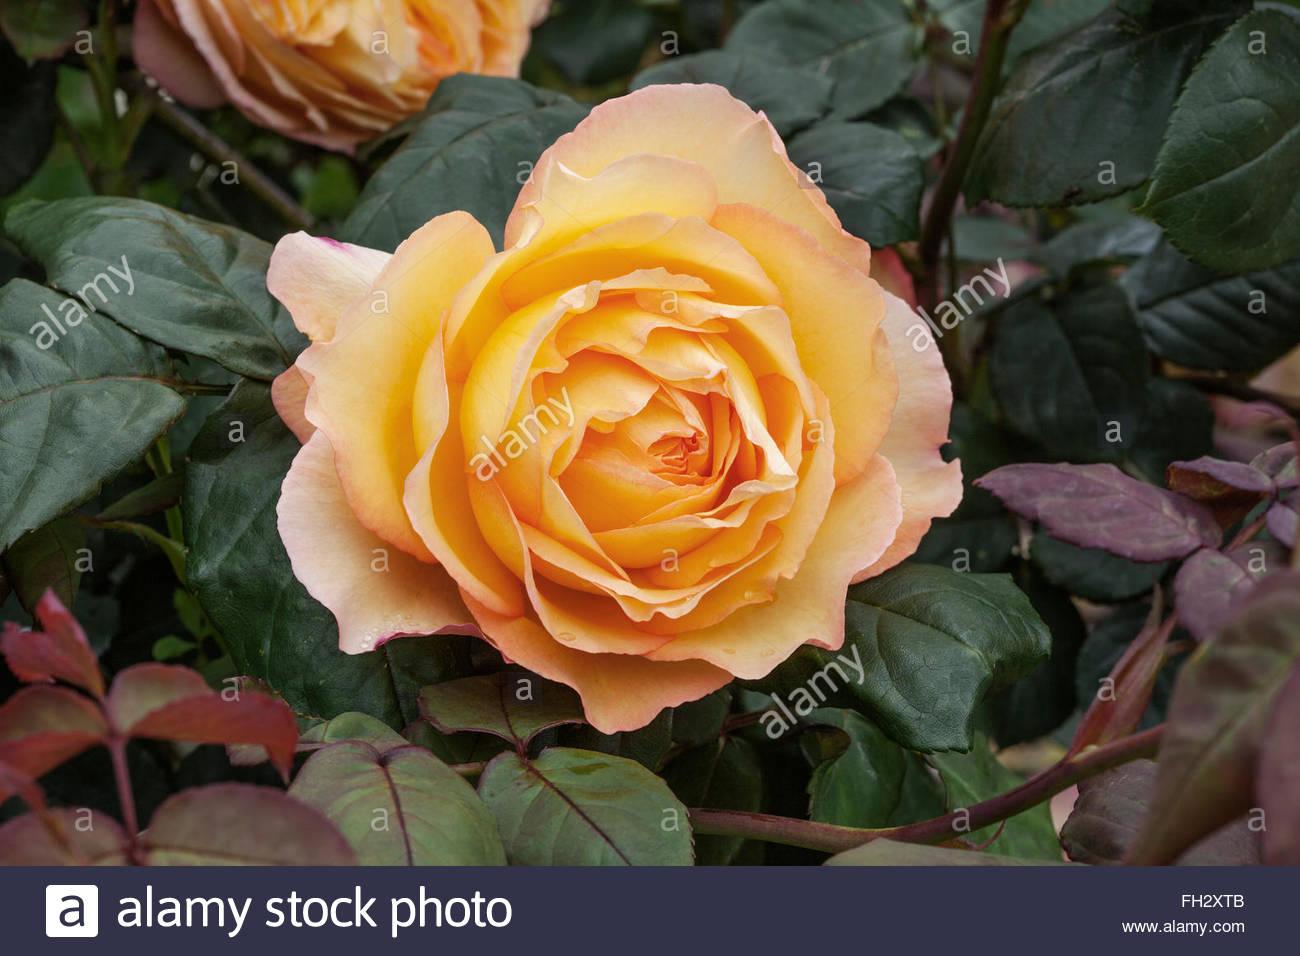 """Rosa """"Well Being"""" - duftende rose Stockbild"""